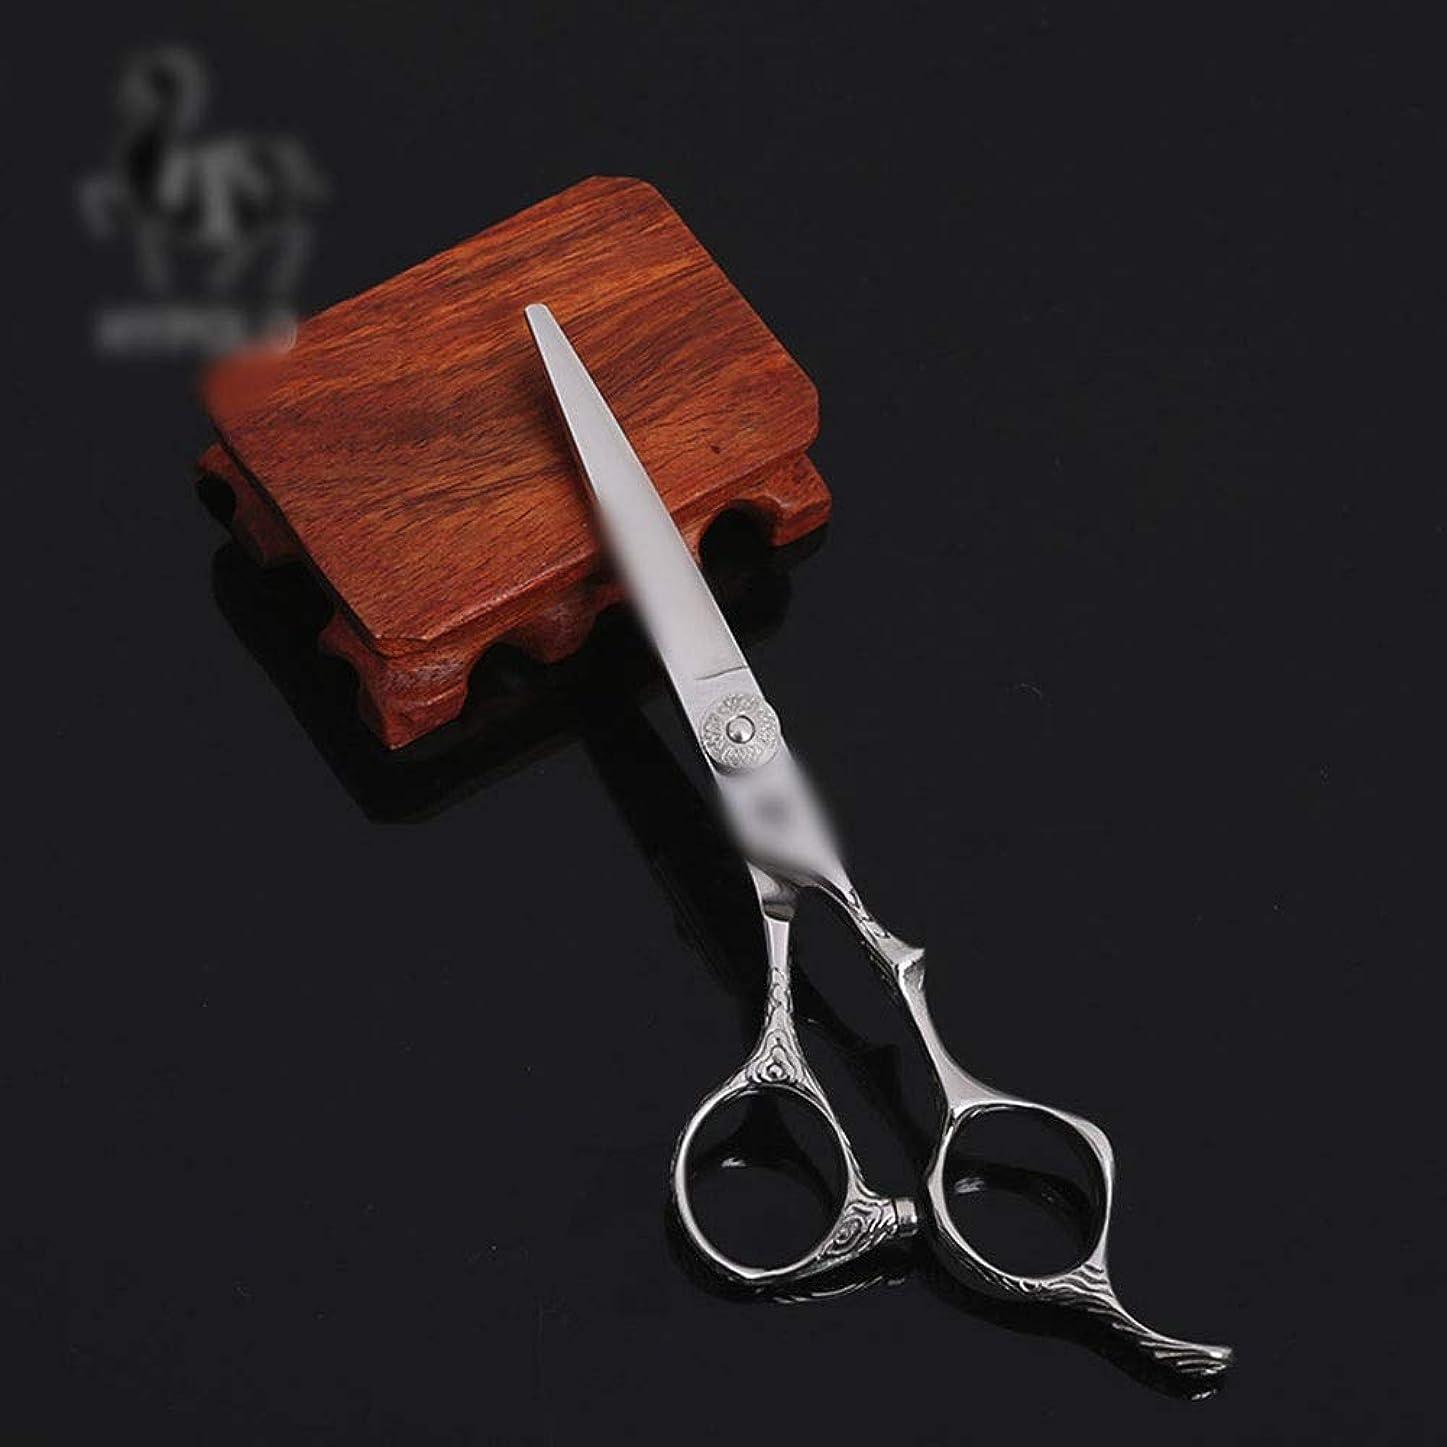 平らななんとなく事Maokane 6インチ美容院プロの理髪はさみ、ハイエンドのプロフェッショナル指残り理髪ツール フラット シアー (色 : Silver)